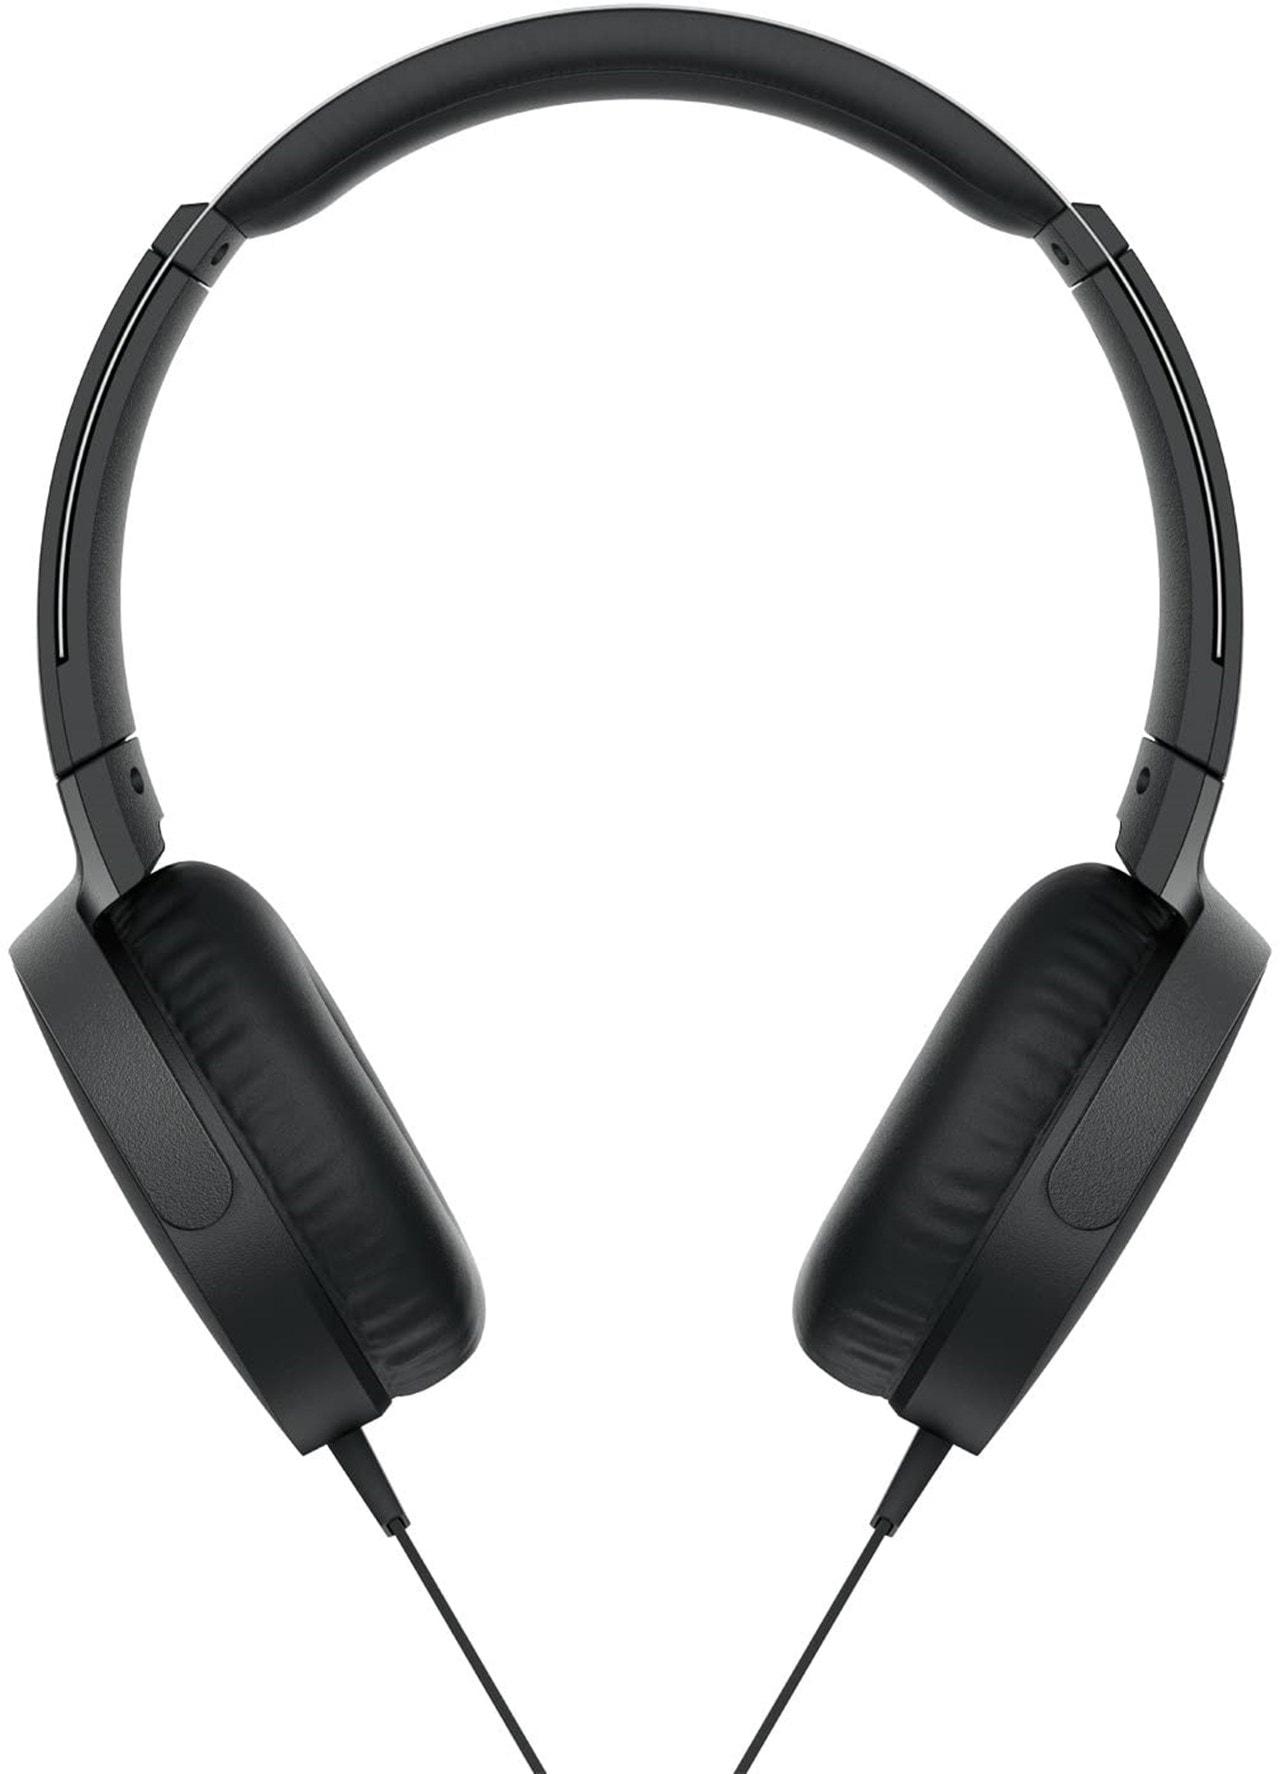 Sony XB550AP Black Extra Bass Headphones - 2